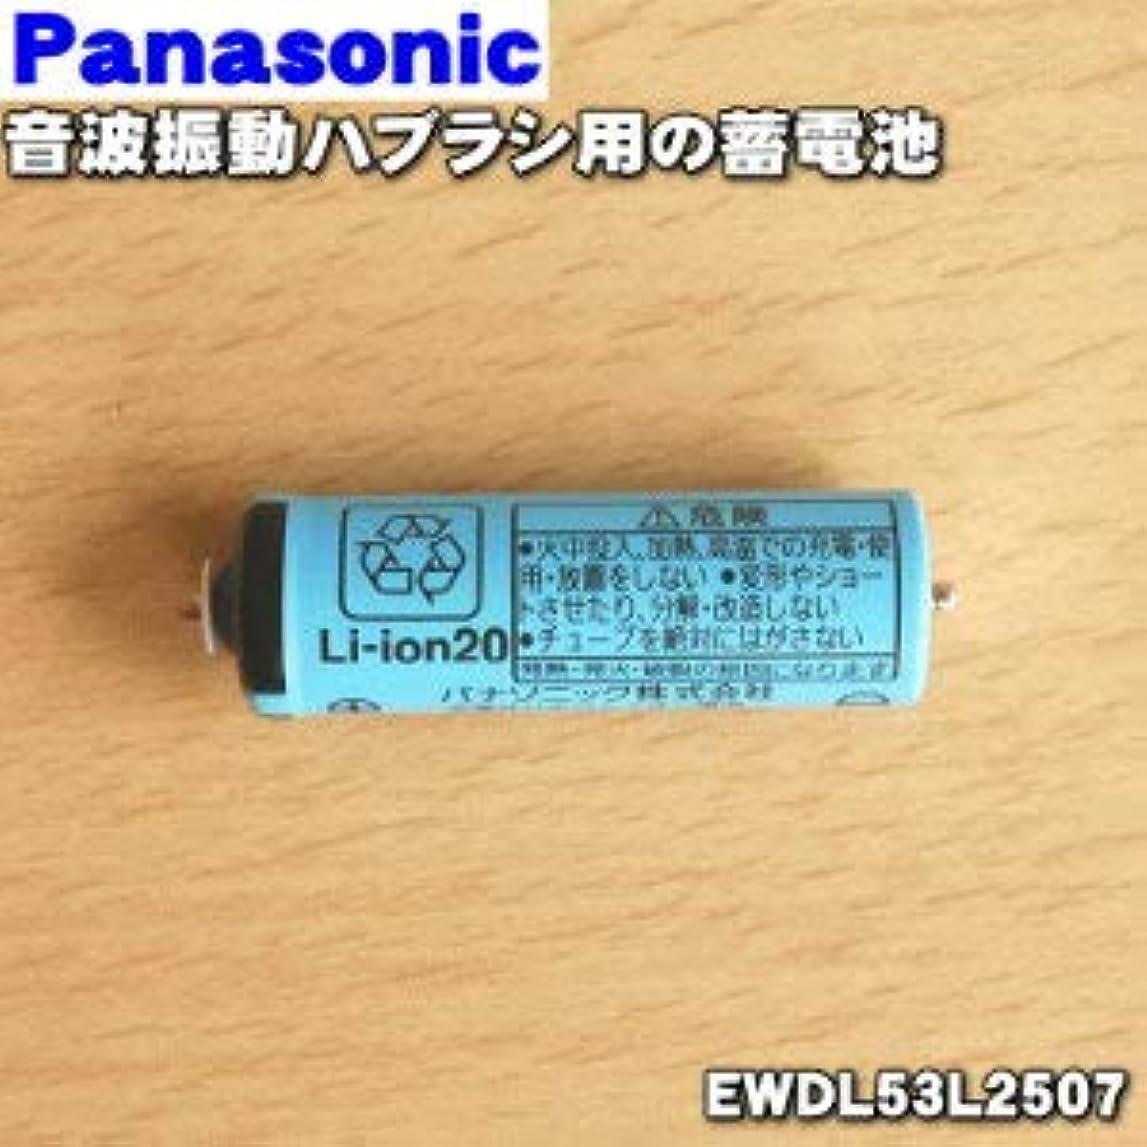 闇裁定旧正月パナソニック Panasonic 音波振動ハブラシ Doltz 蓄電池交換用蓄電池 EWDL53L2507